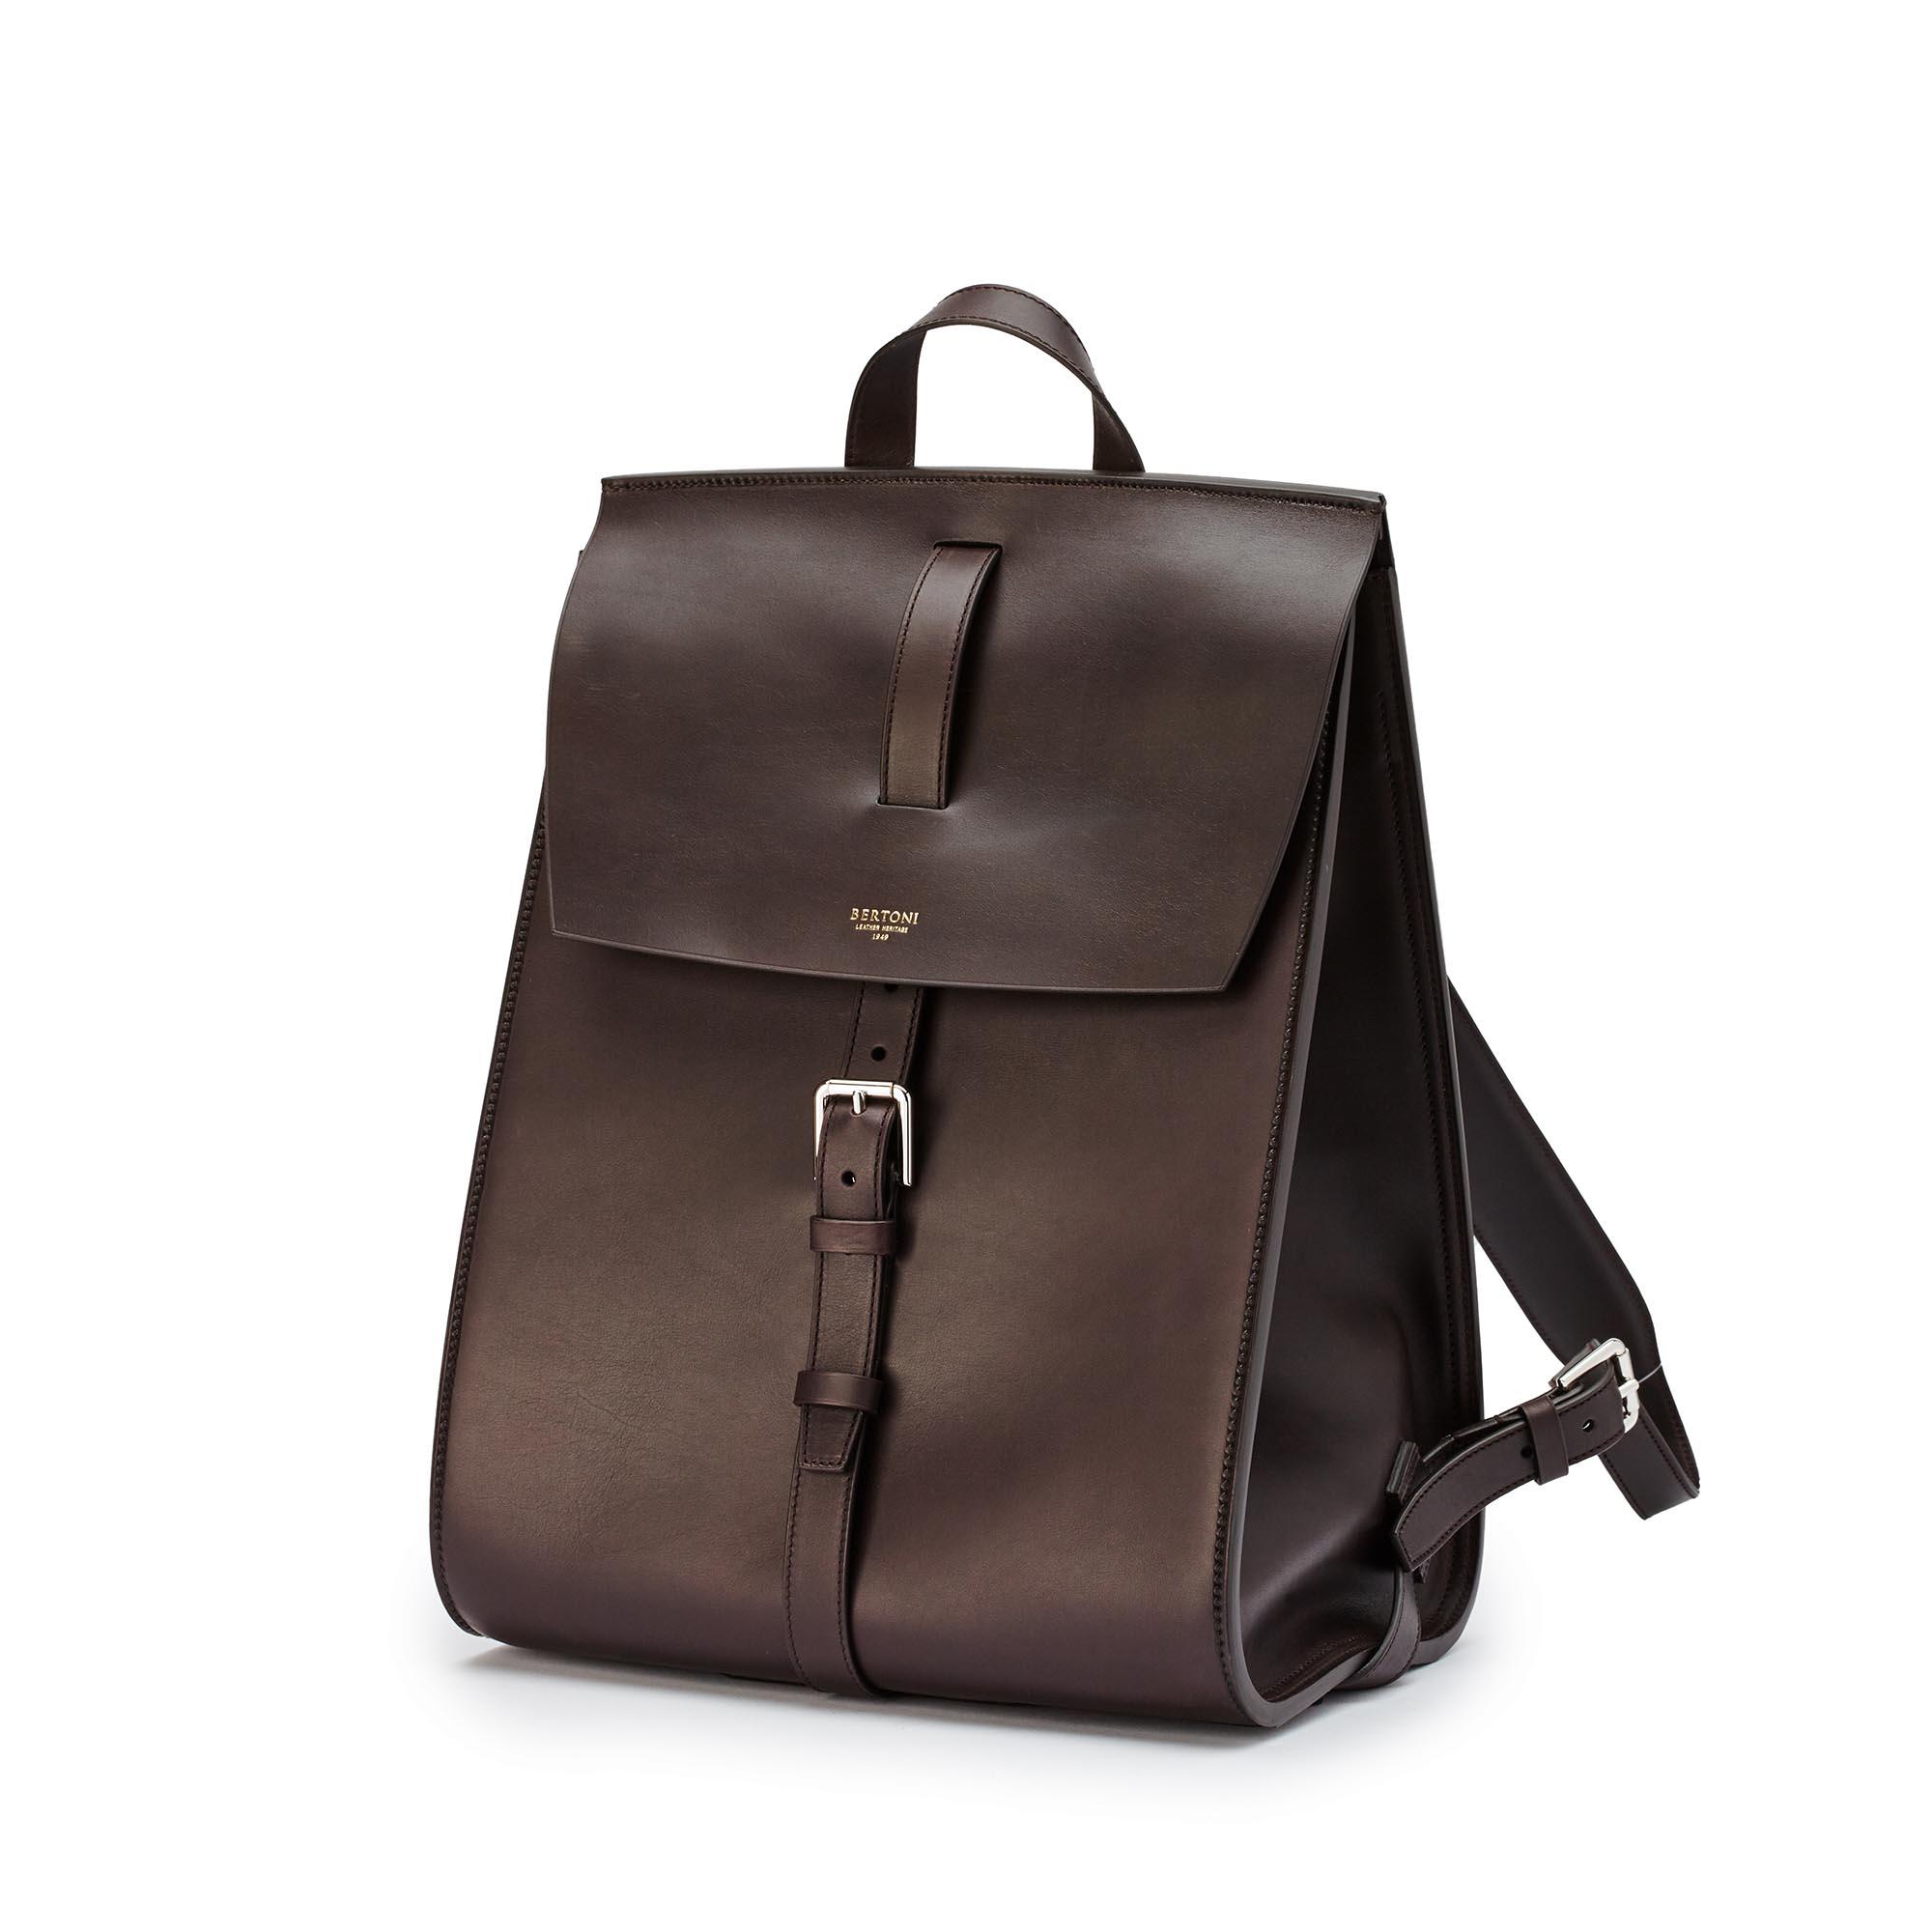 Signature-Backpack-dark-brown-french-calf-bag-Bertoni-1949_01